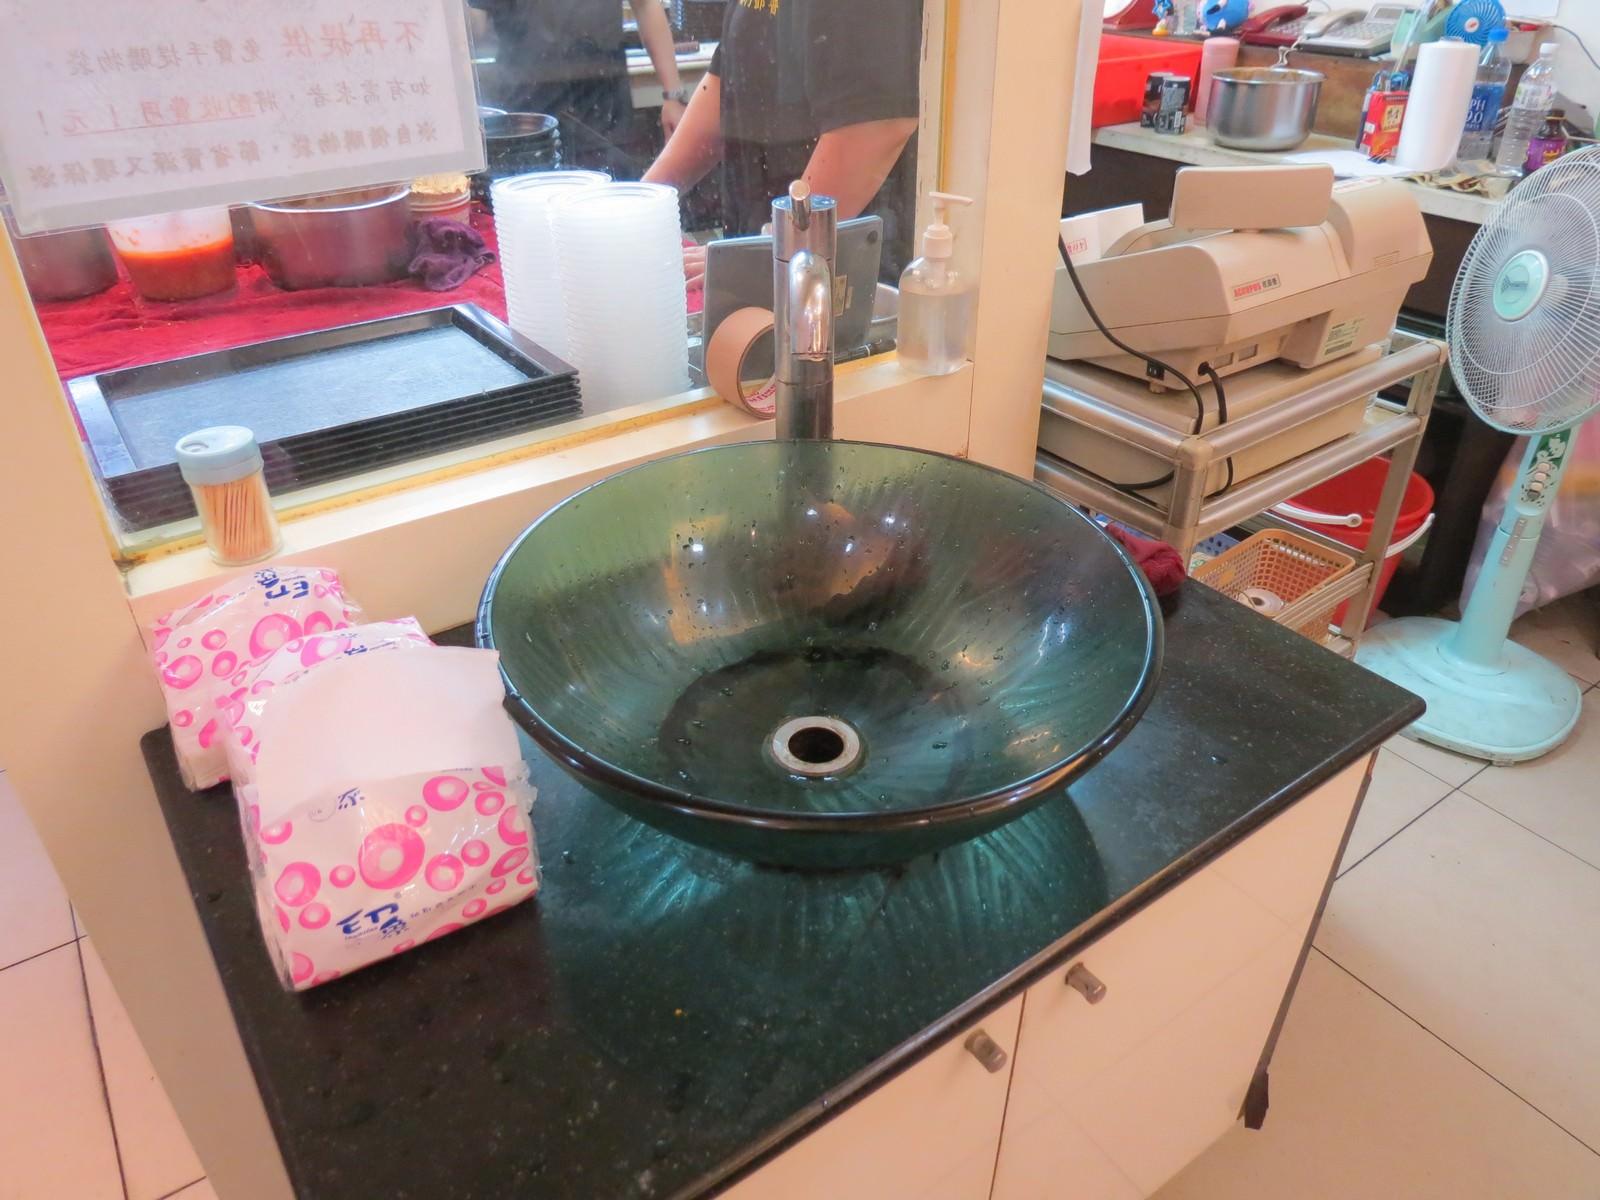 賽門鄧普拉@台北西門總店, 用餐環境